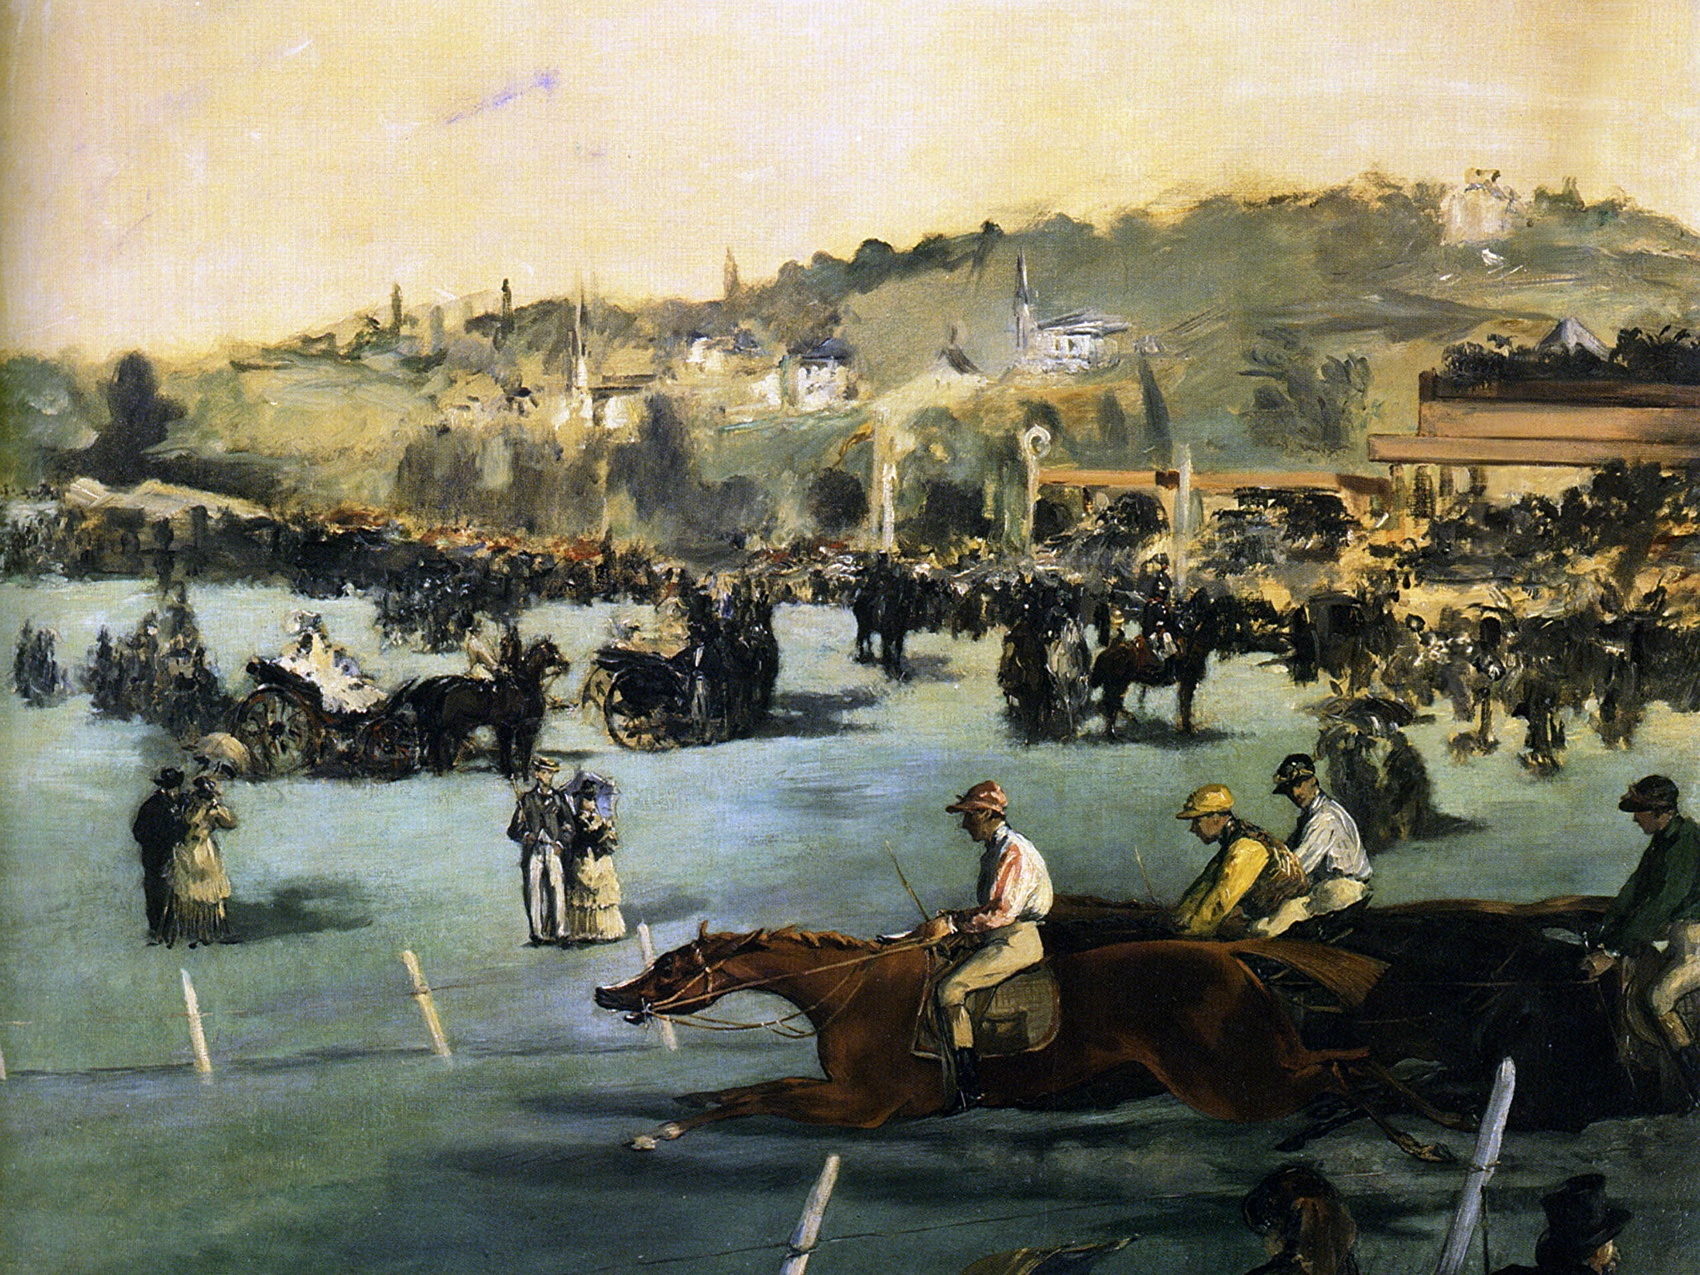 картина скачки в Булонском лесу :: Эдуард Мане - Edouard Manet (Эдуард Мане) фото